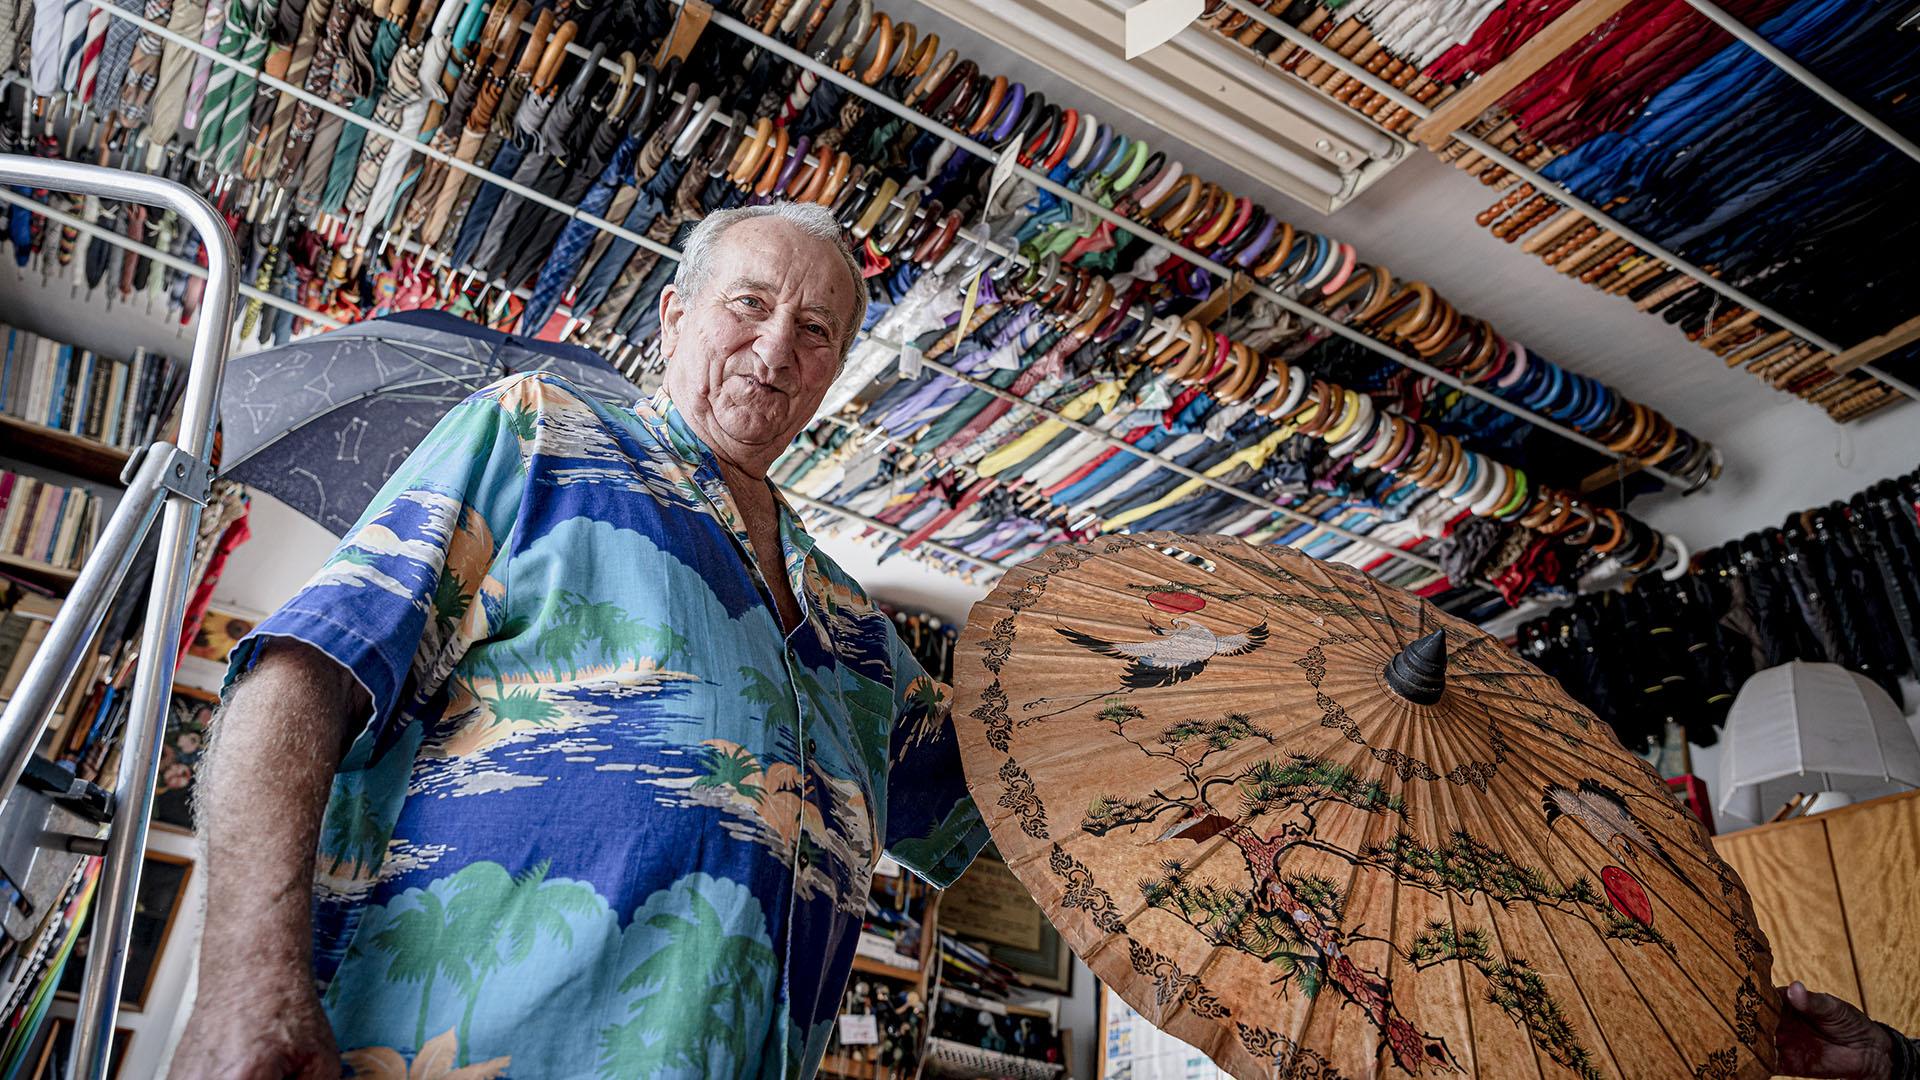 debreczeni csilla esernyő esernyő gyűjtemény esernyőhasználati jótanácsok gyűjtemény hajdúsámson havasi istván kisasszony-esernyő tárlatvezetés